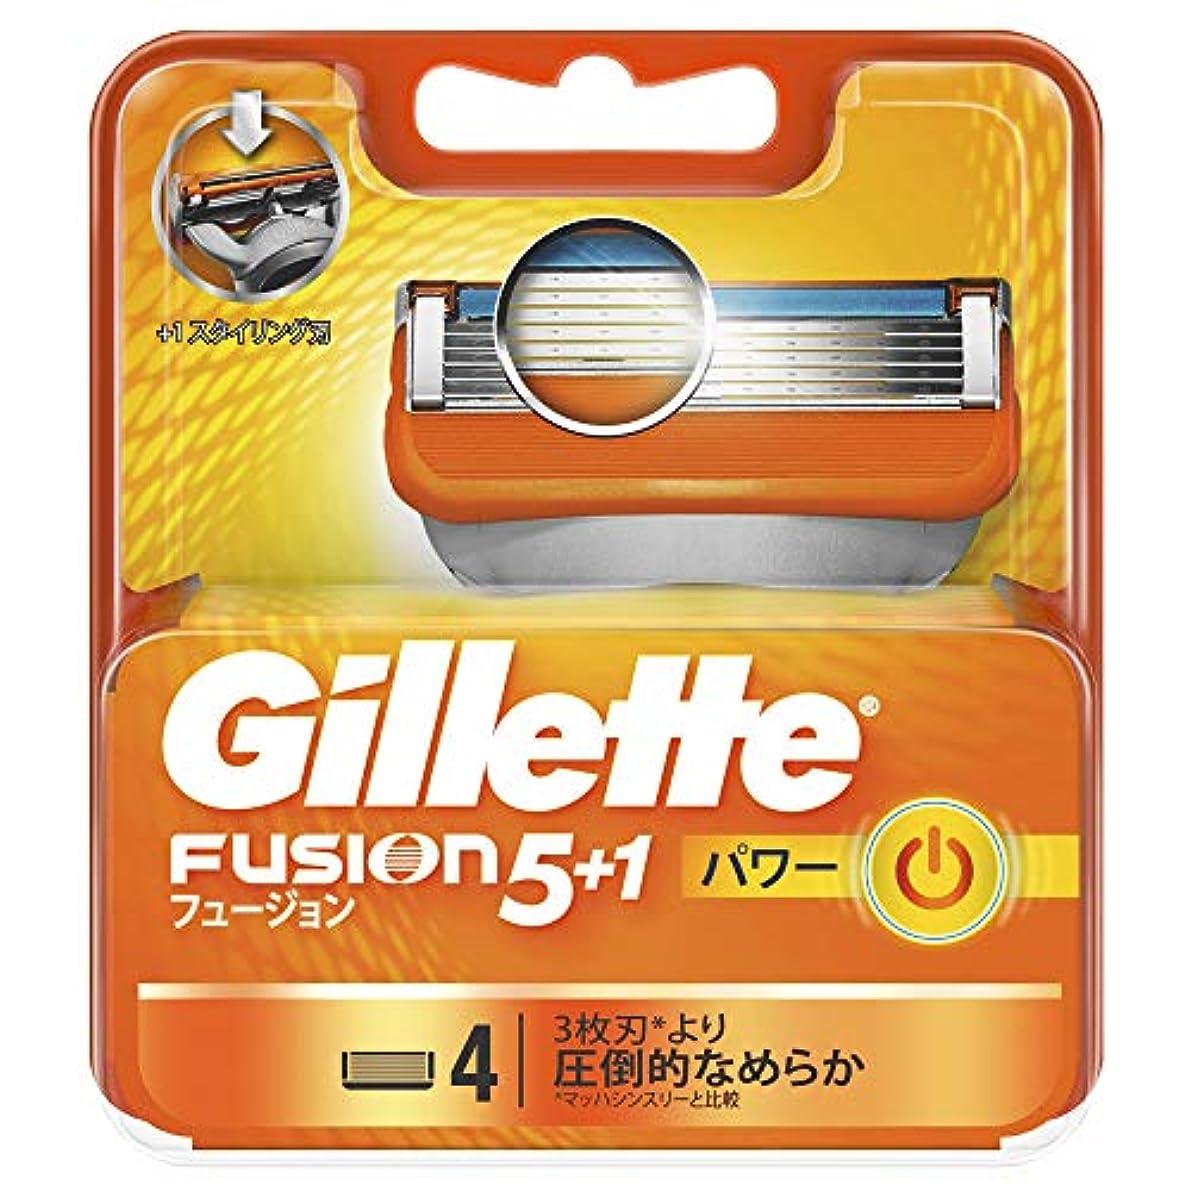 人里離れた資格情報変成器ジレット 髭剃り フュージョン 5+1 パワー 替刃4個入